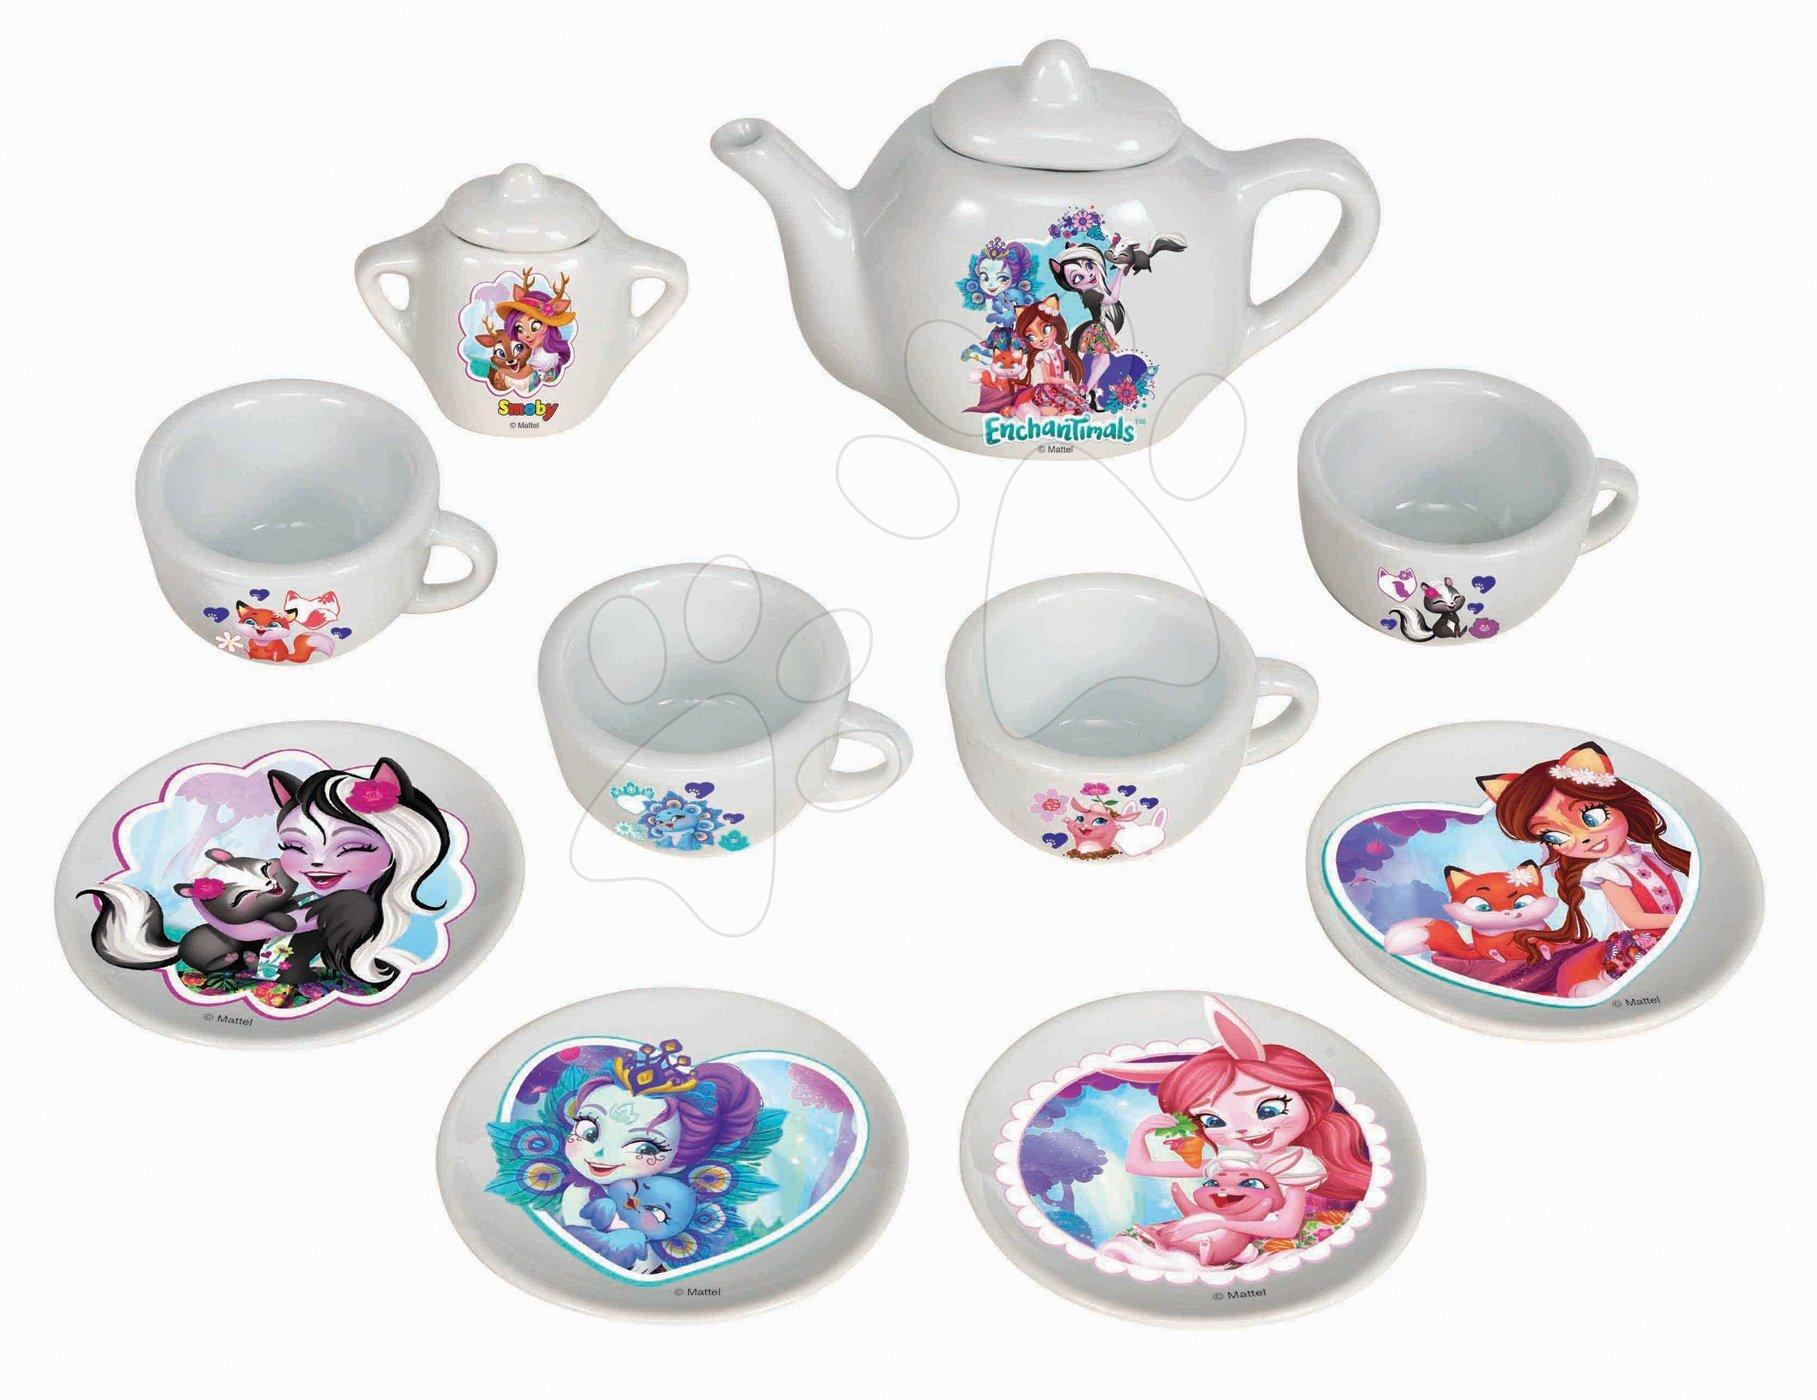 Smoby porcelánová čajová súprava Enchantimals 12 dielov 310579